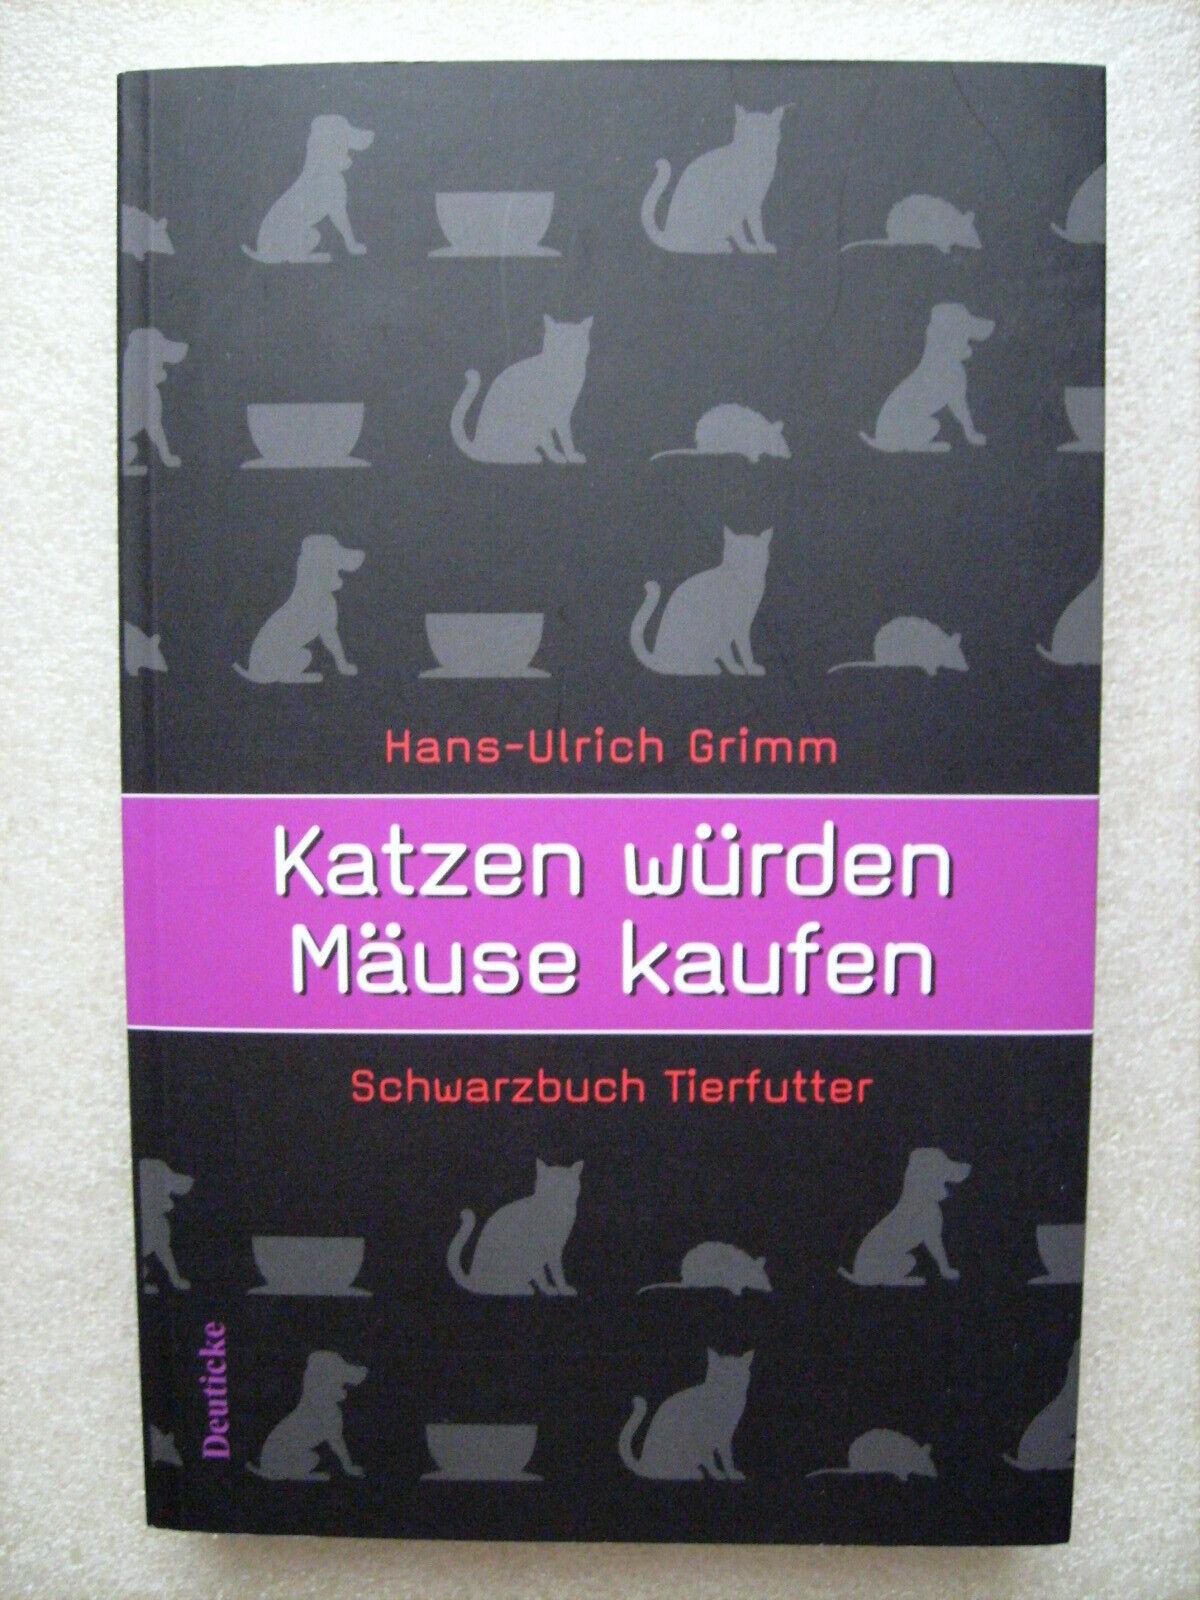 Katzen würden Mäuse kaufen - Schwarzbuch Tierfutter von Hans Grimm